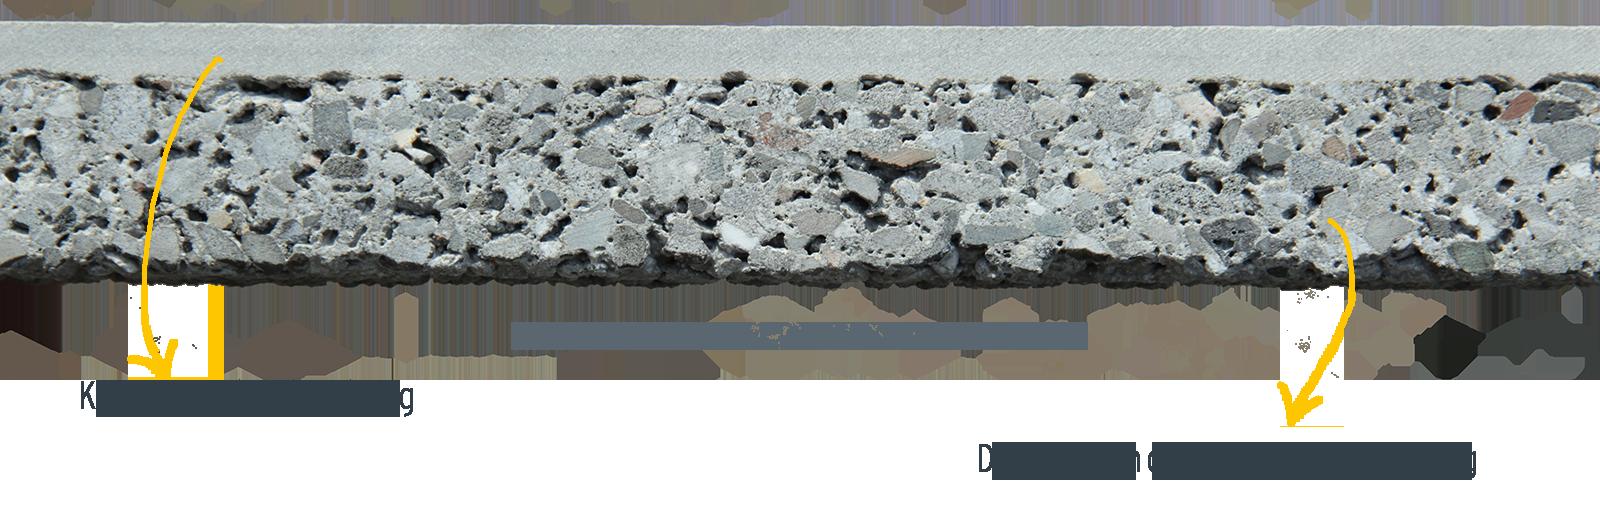 Keramiek op beton blijkt schot in de roos